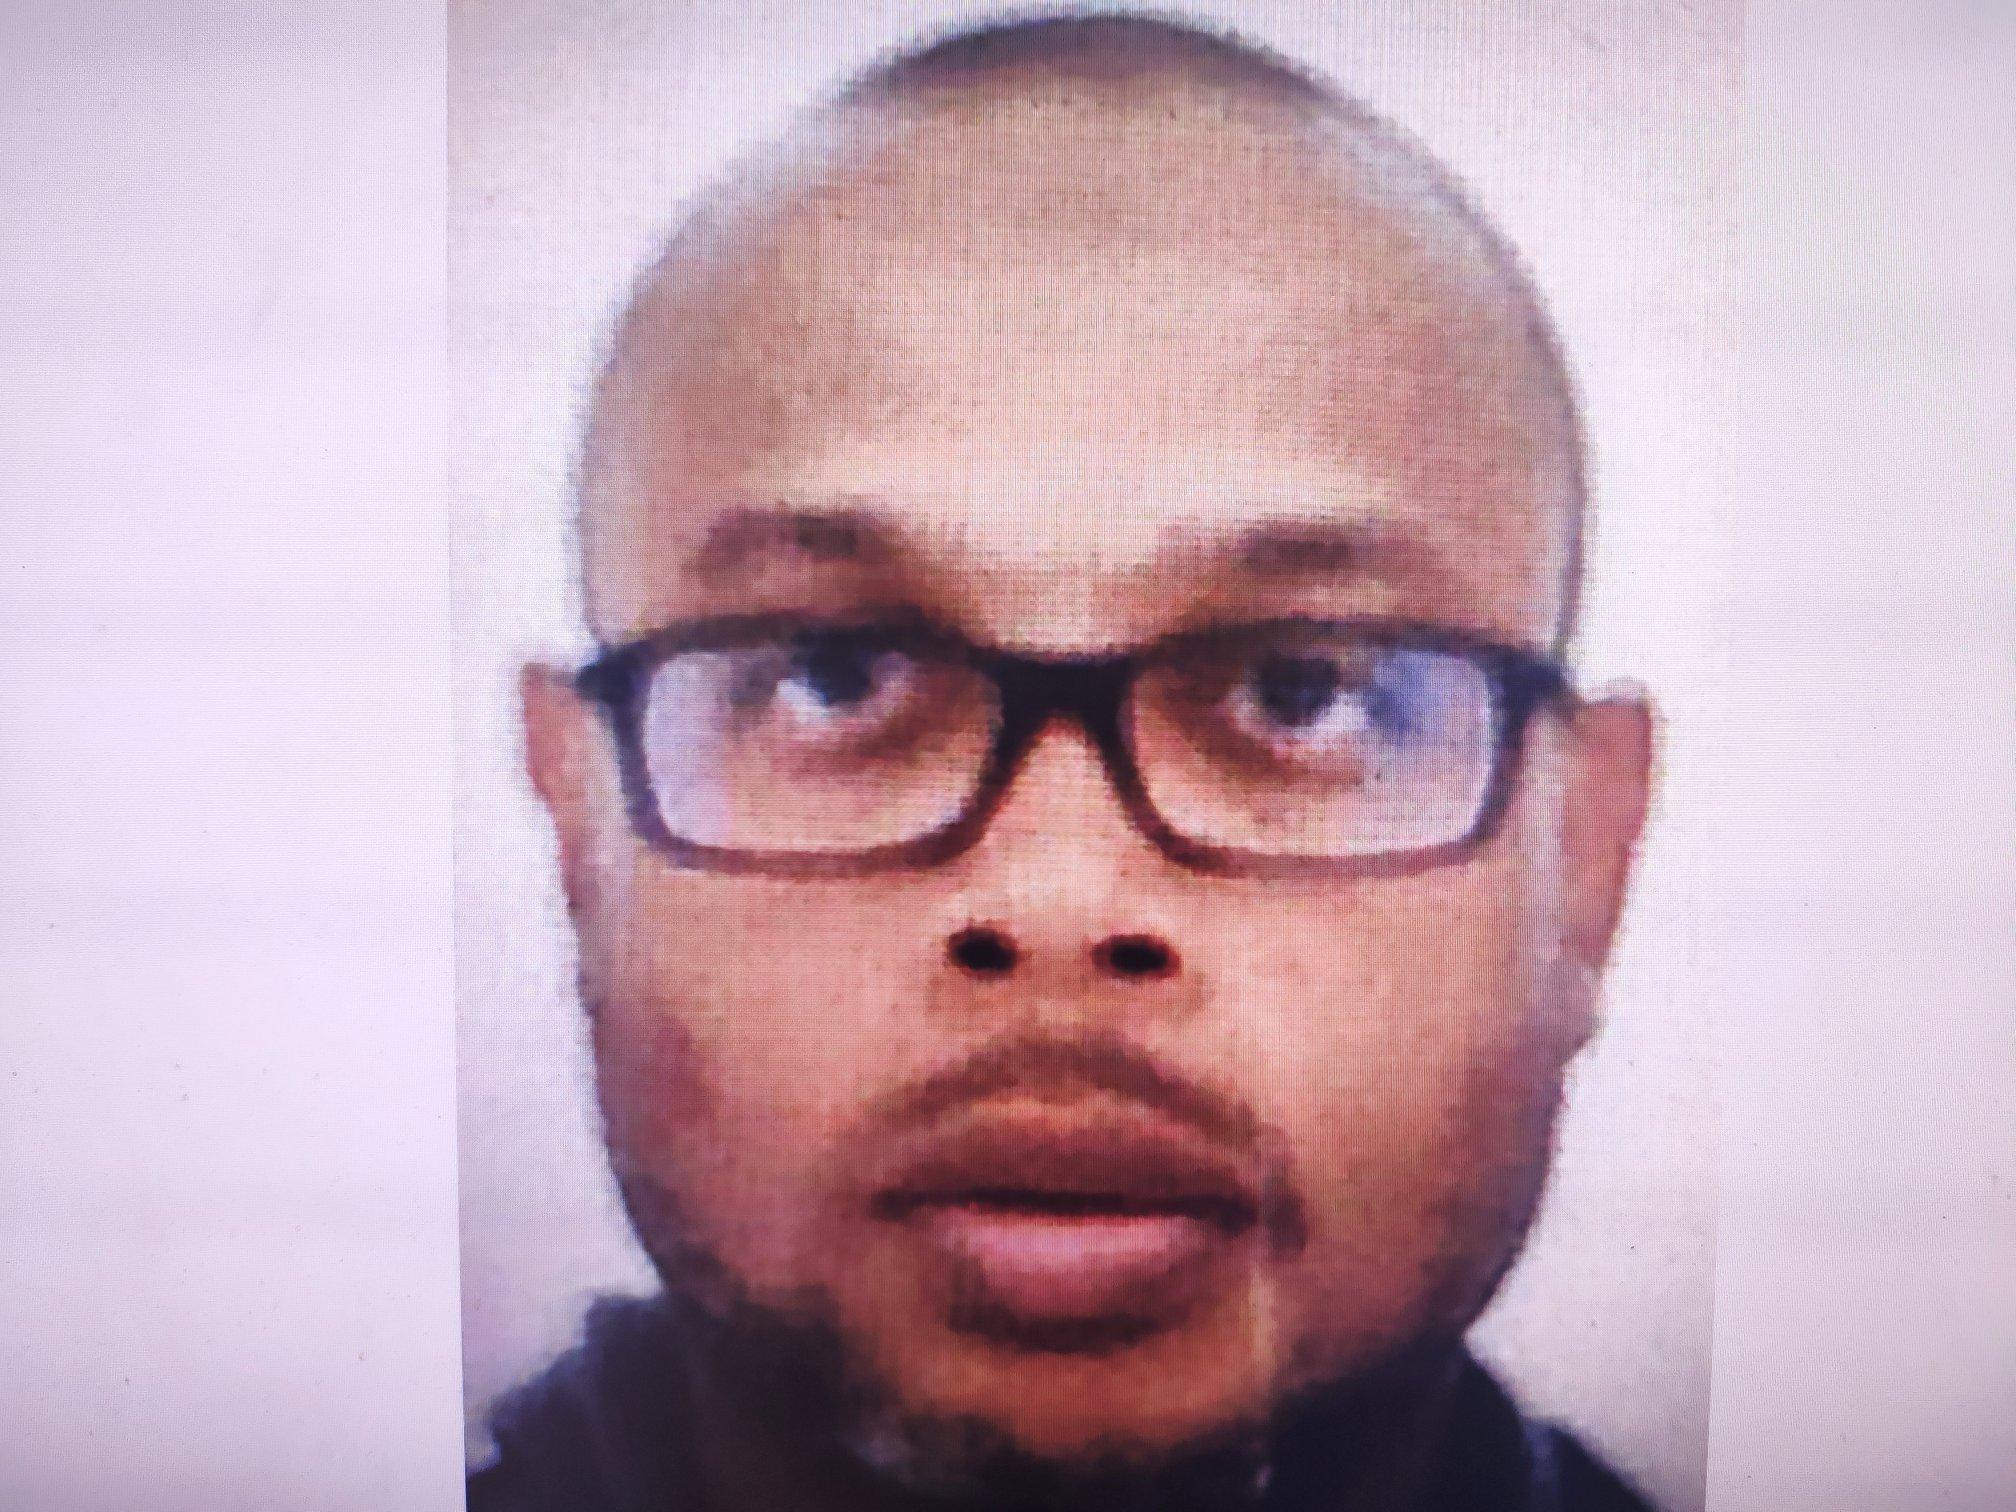 Strage di Parigi: Mickael Harpon era segnalato per legami con gli jihadisti